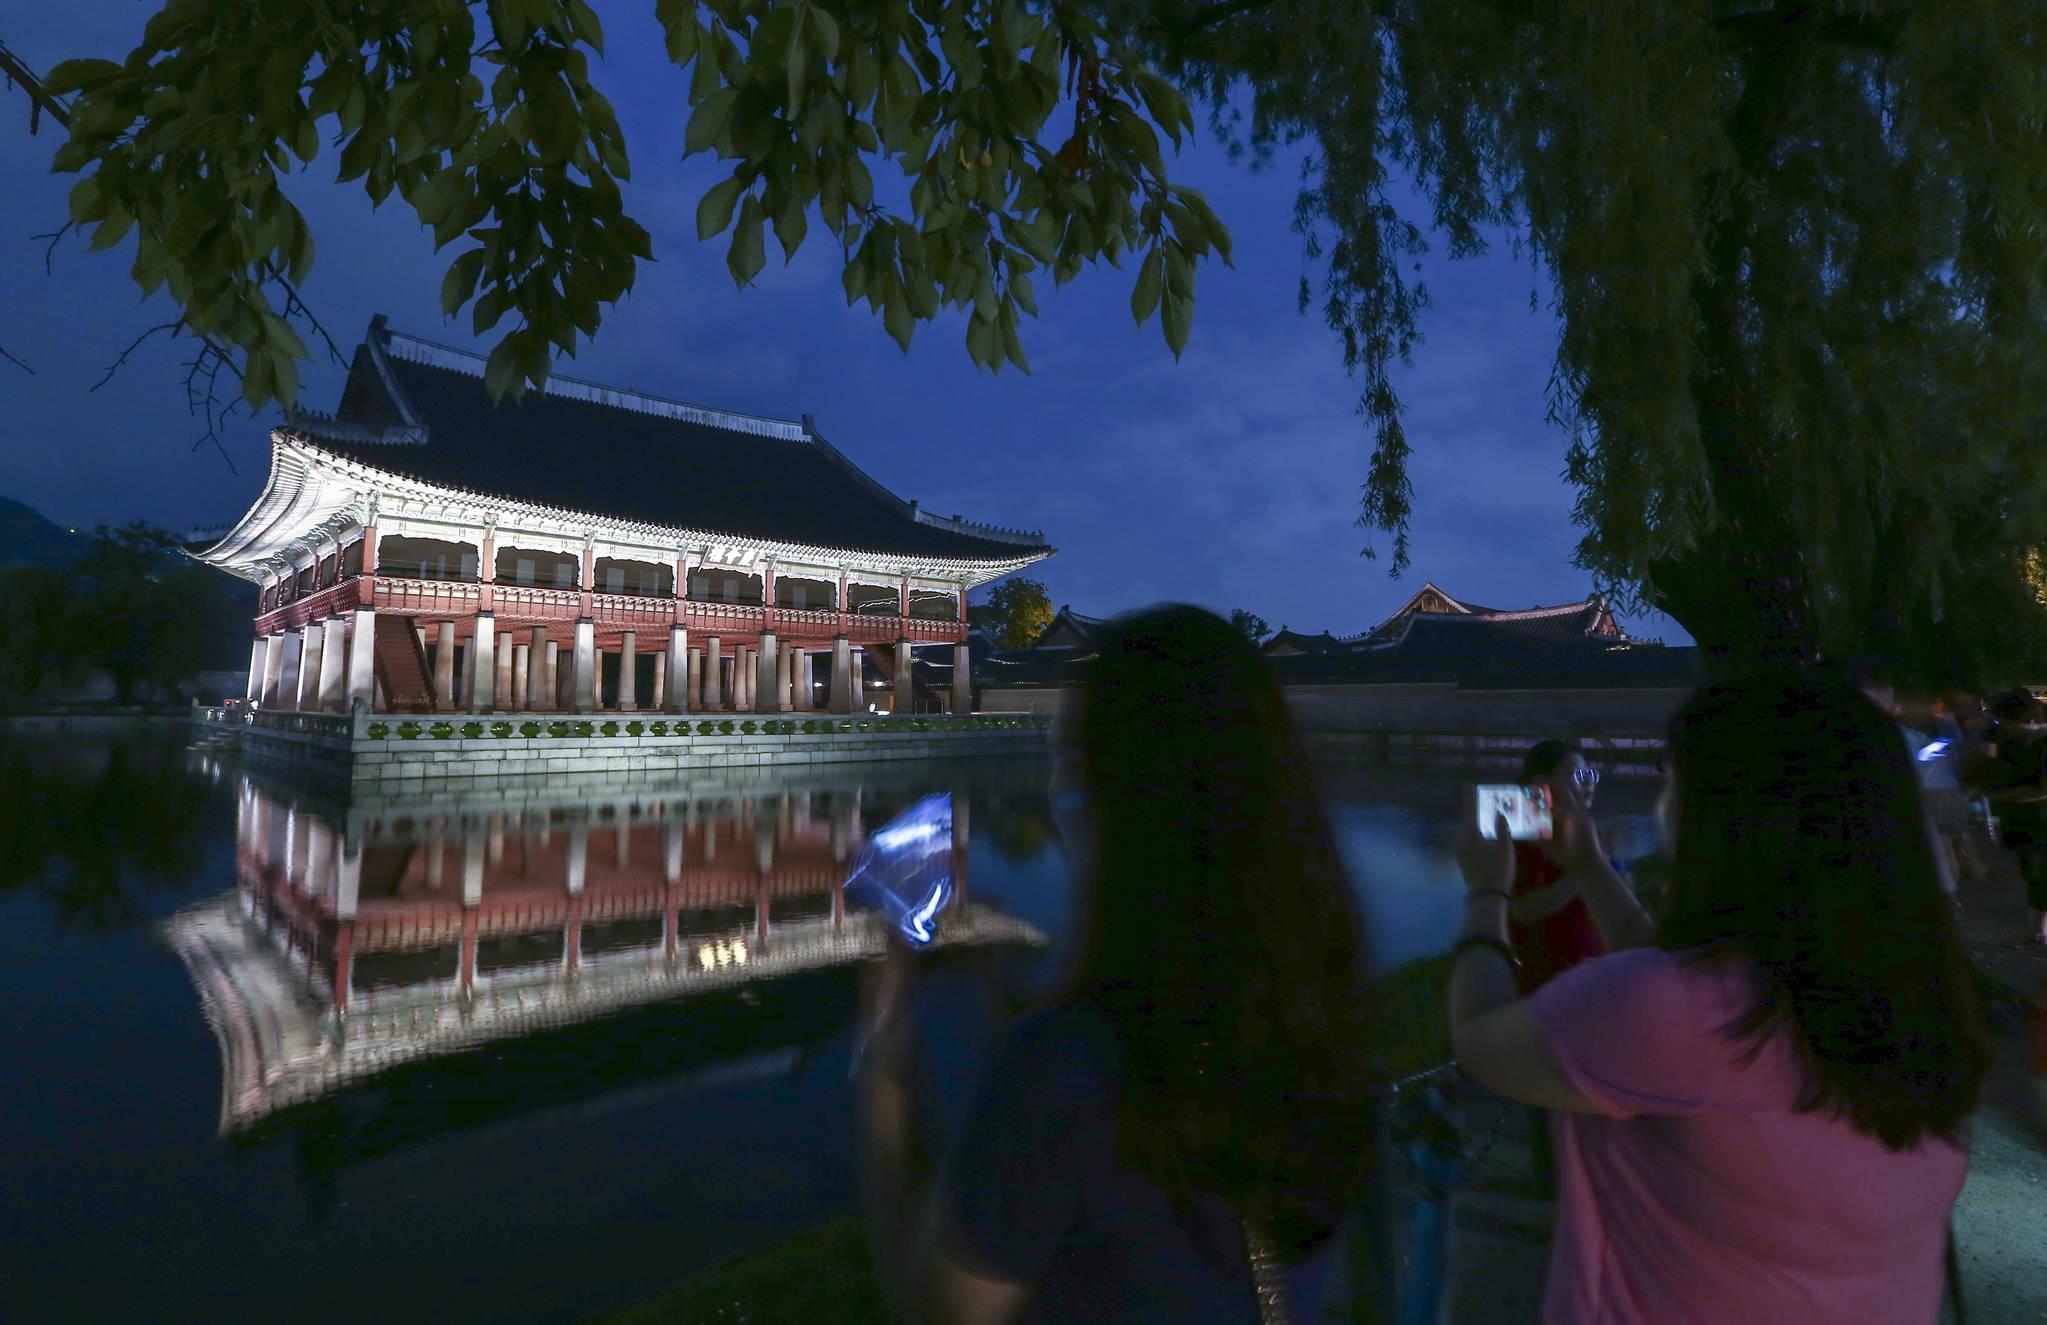 경복궁 야간특별관람이 시작된 16일 오후 관람객들이 경회루를 카메라에 담고 있다. 임현동 기자